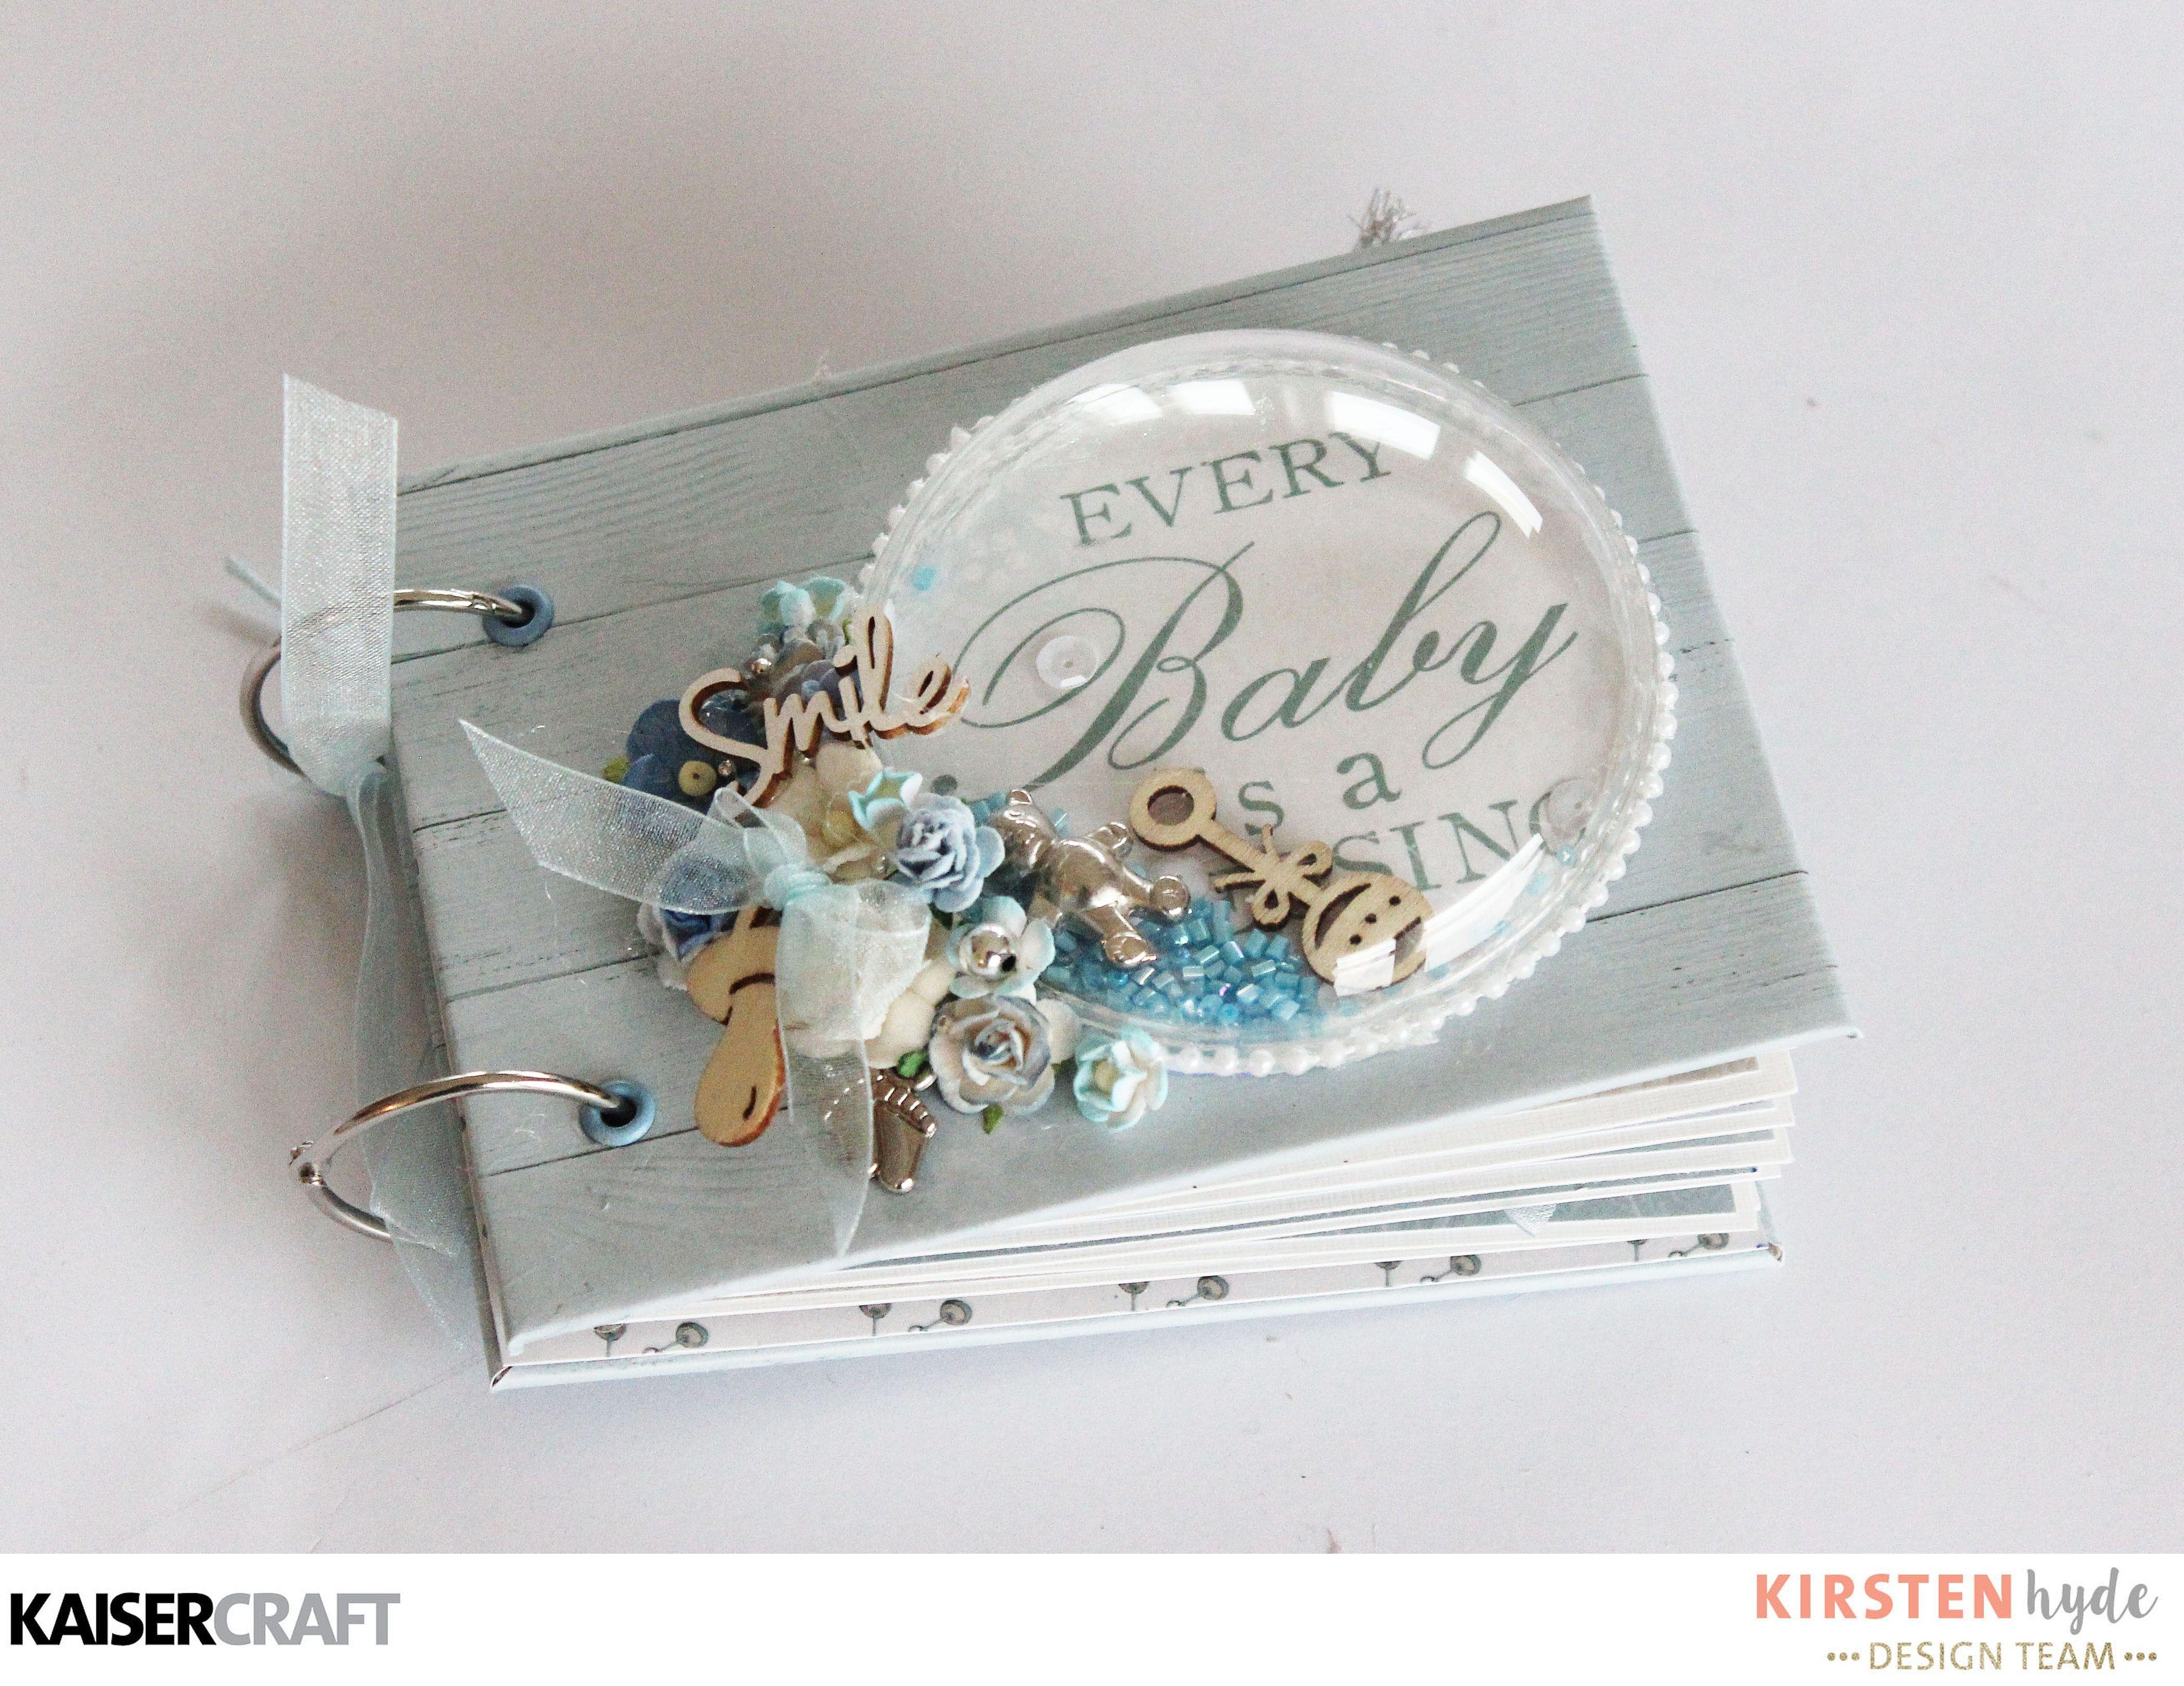 kaisercraft-peek-a-boo-baby-shower-minialbum-kirsten-hyde-myhydeaway-1